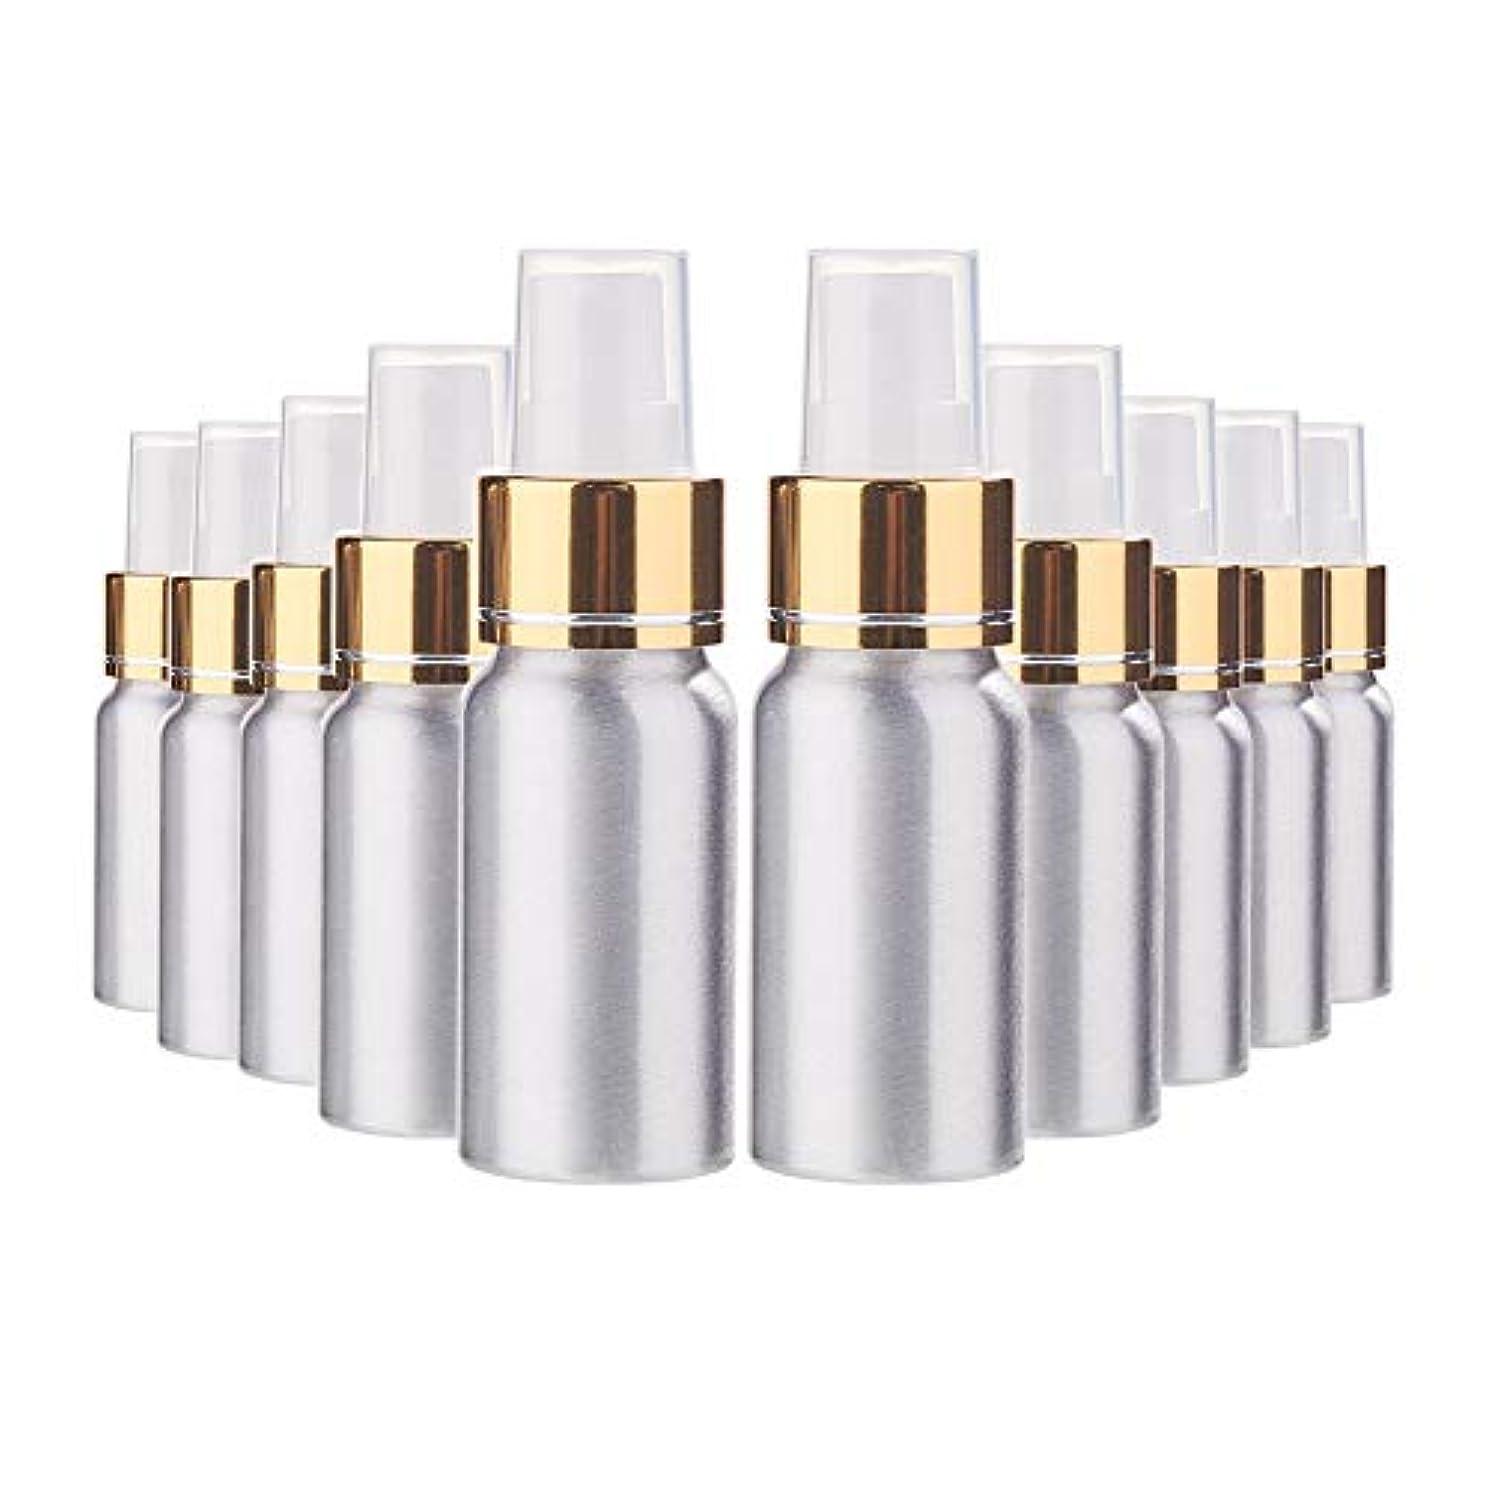 シリングドラッグパントリーBENECREAT 10個セット30mlスプレーアルミボトル 空ボトル 極細のミスト 防錆 軽量 化粧品 香水 小分け 詰め替え